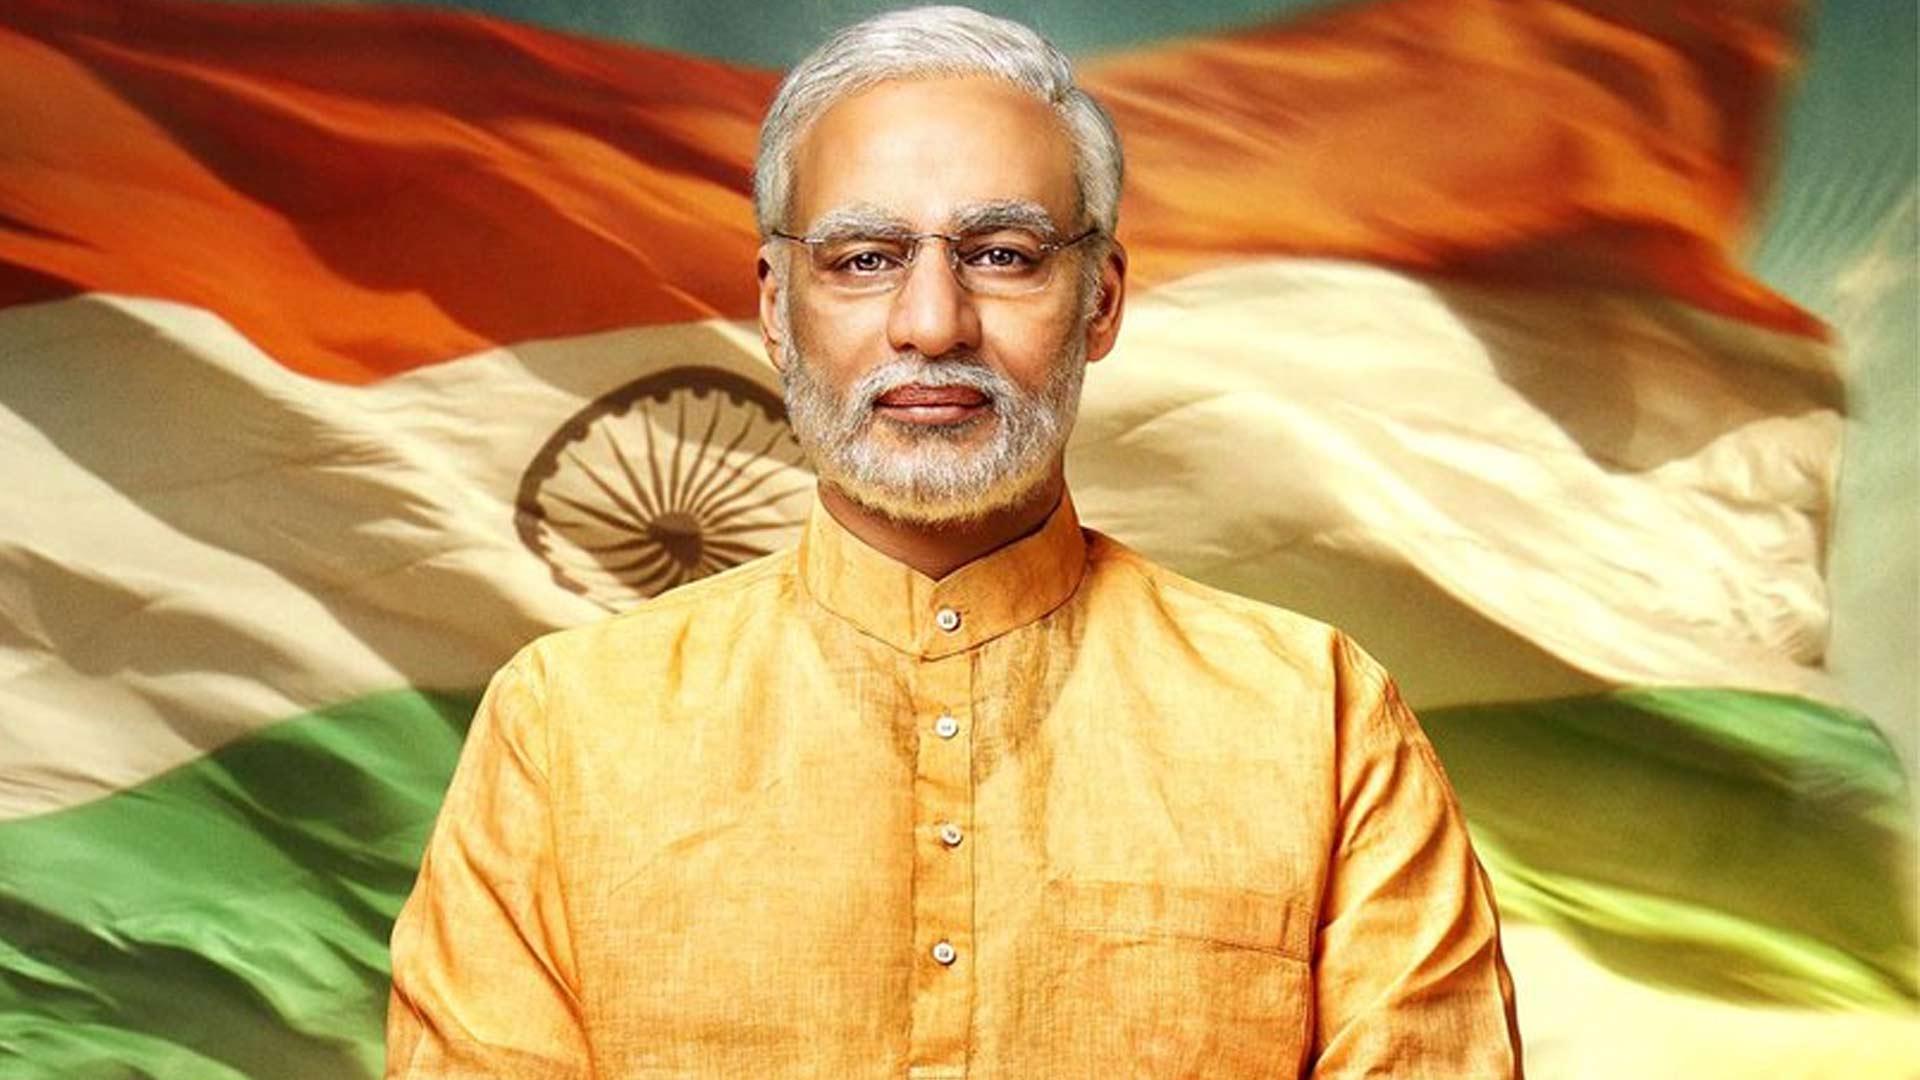 Box Office पर 'पीएम नरेंद्र मोदी' ने पहले दिन कमाए इतने करोड़, वीकेंड पर बढ़ेगी रफ्तार